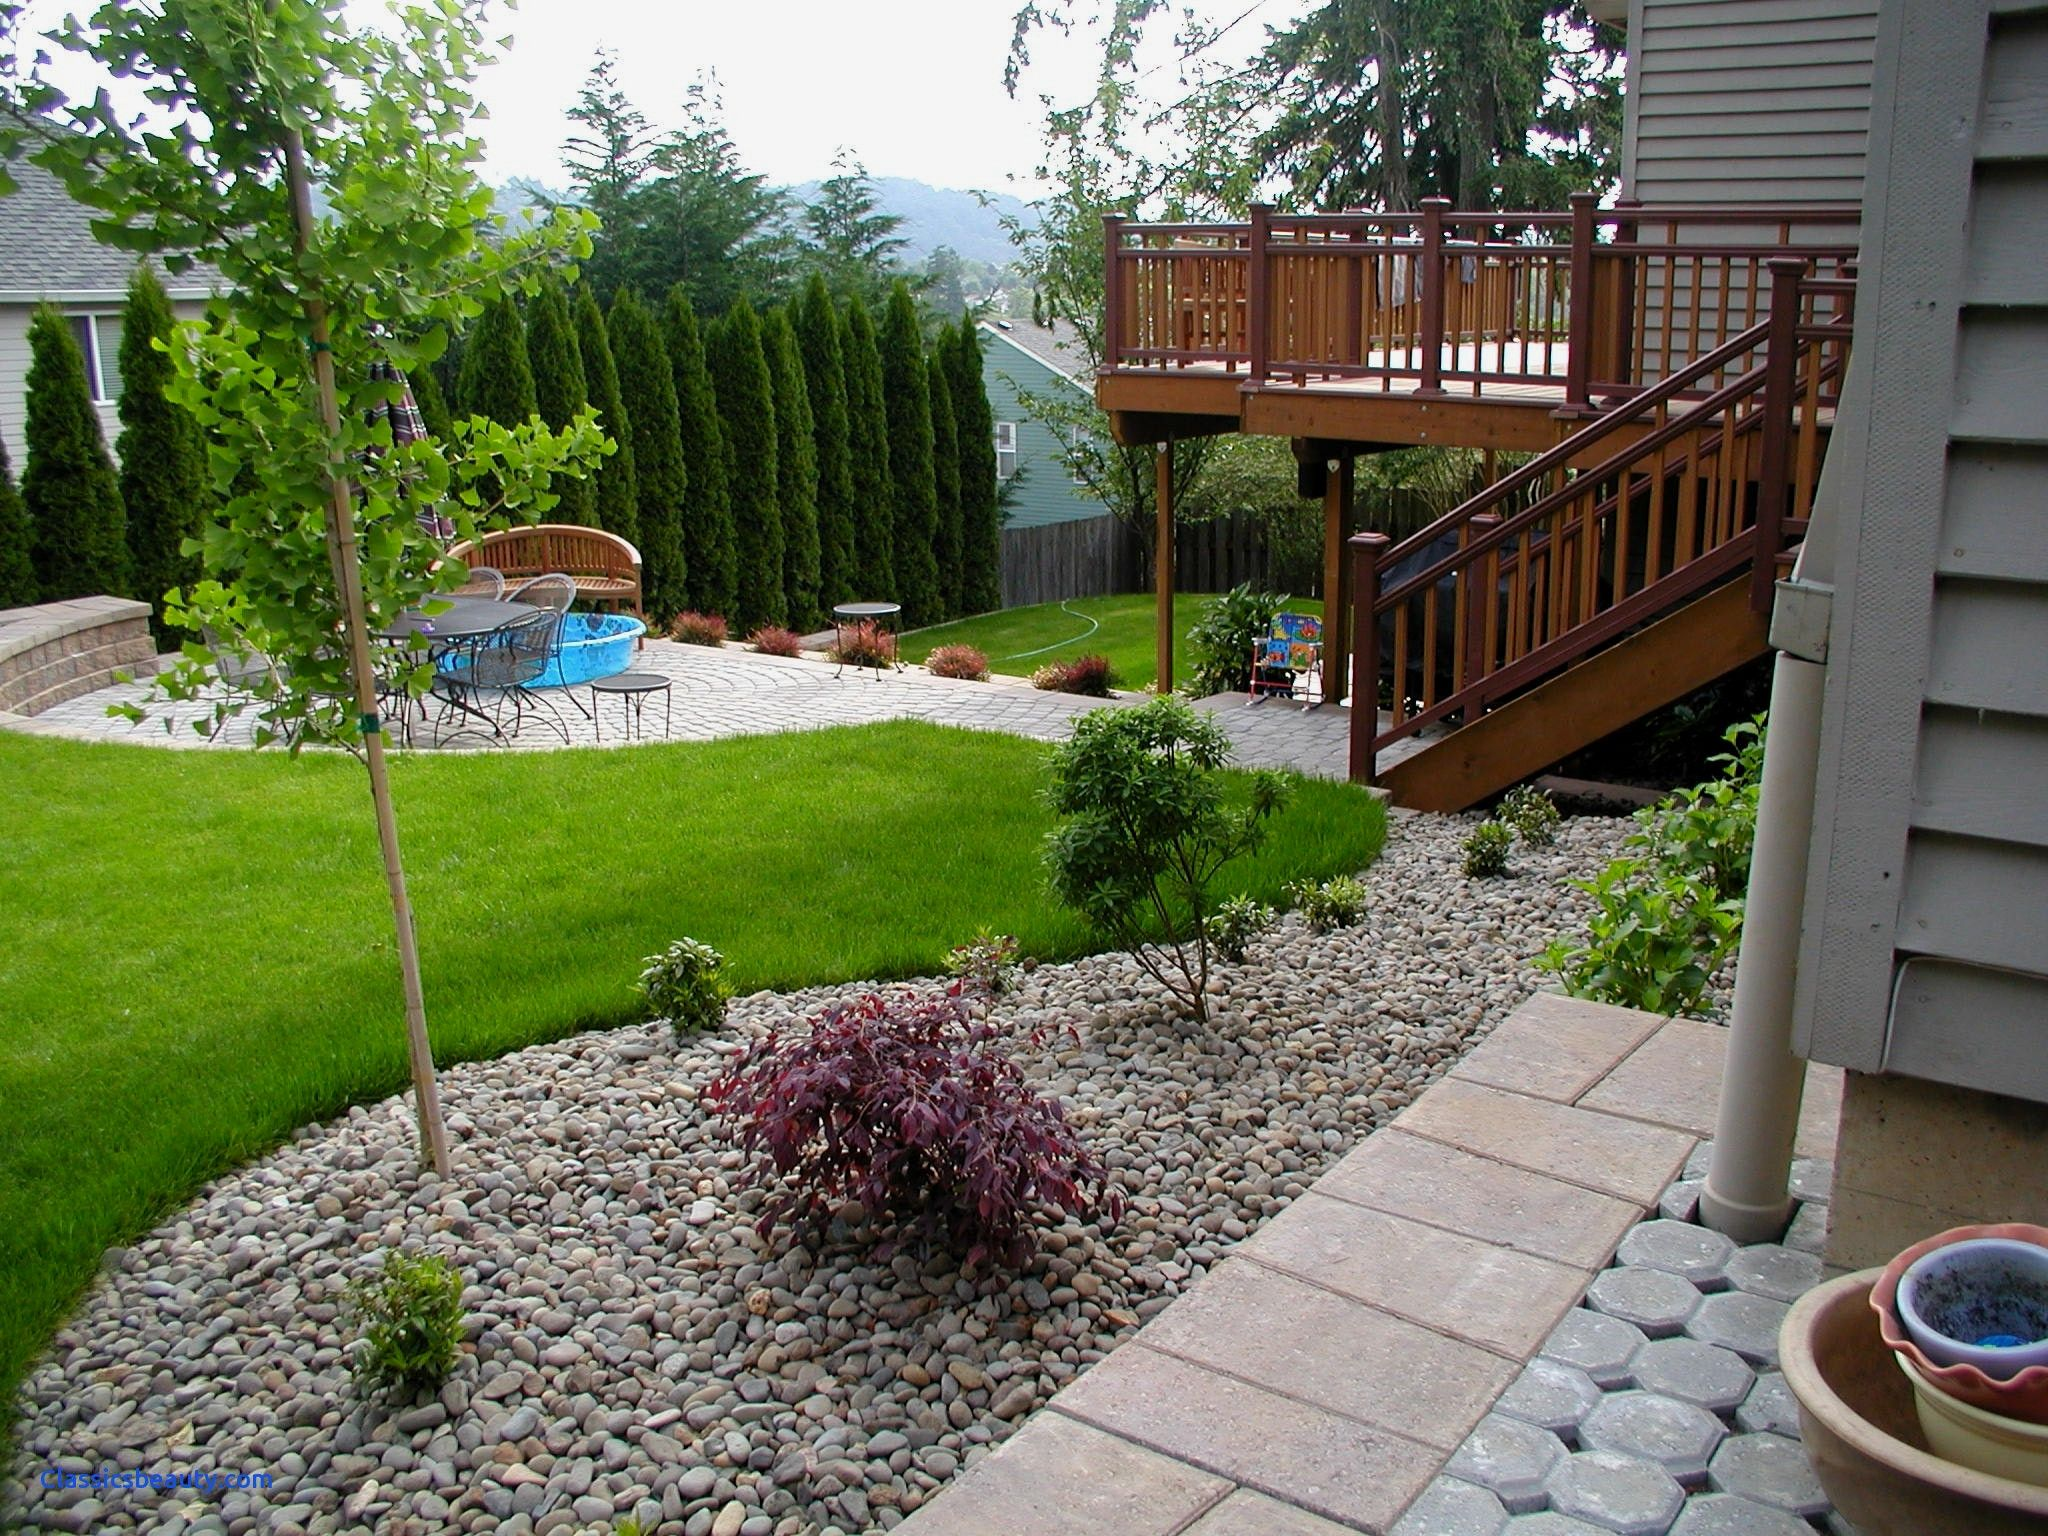 Image Result For 2 Story In House In Backyard Privacy Jardines Como Disenar Un Jardin Patio Y Jardin